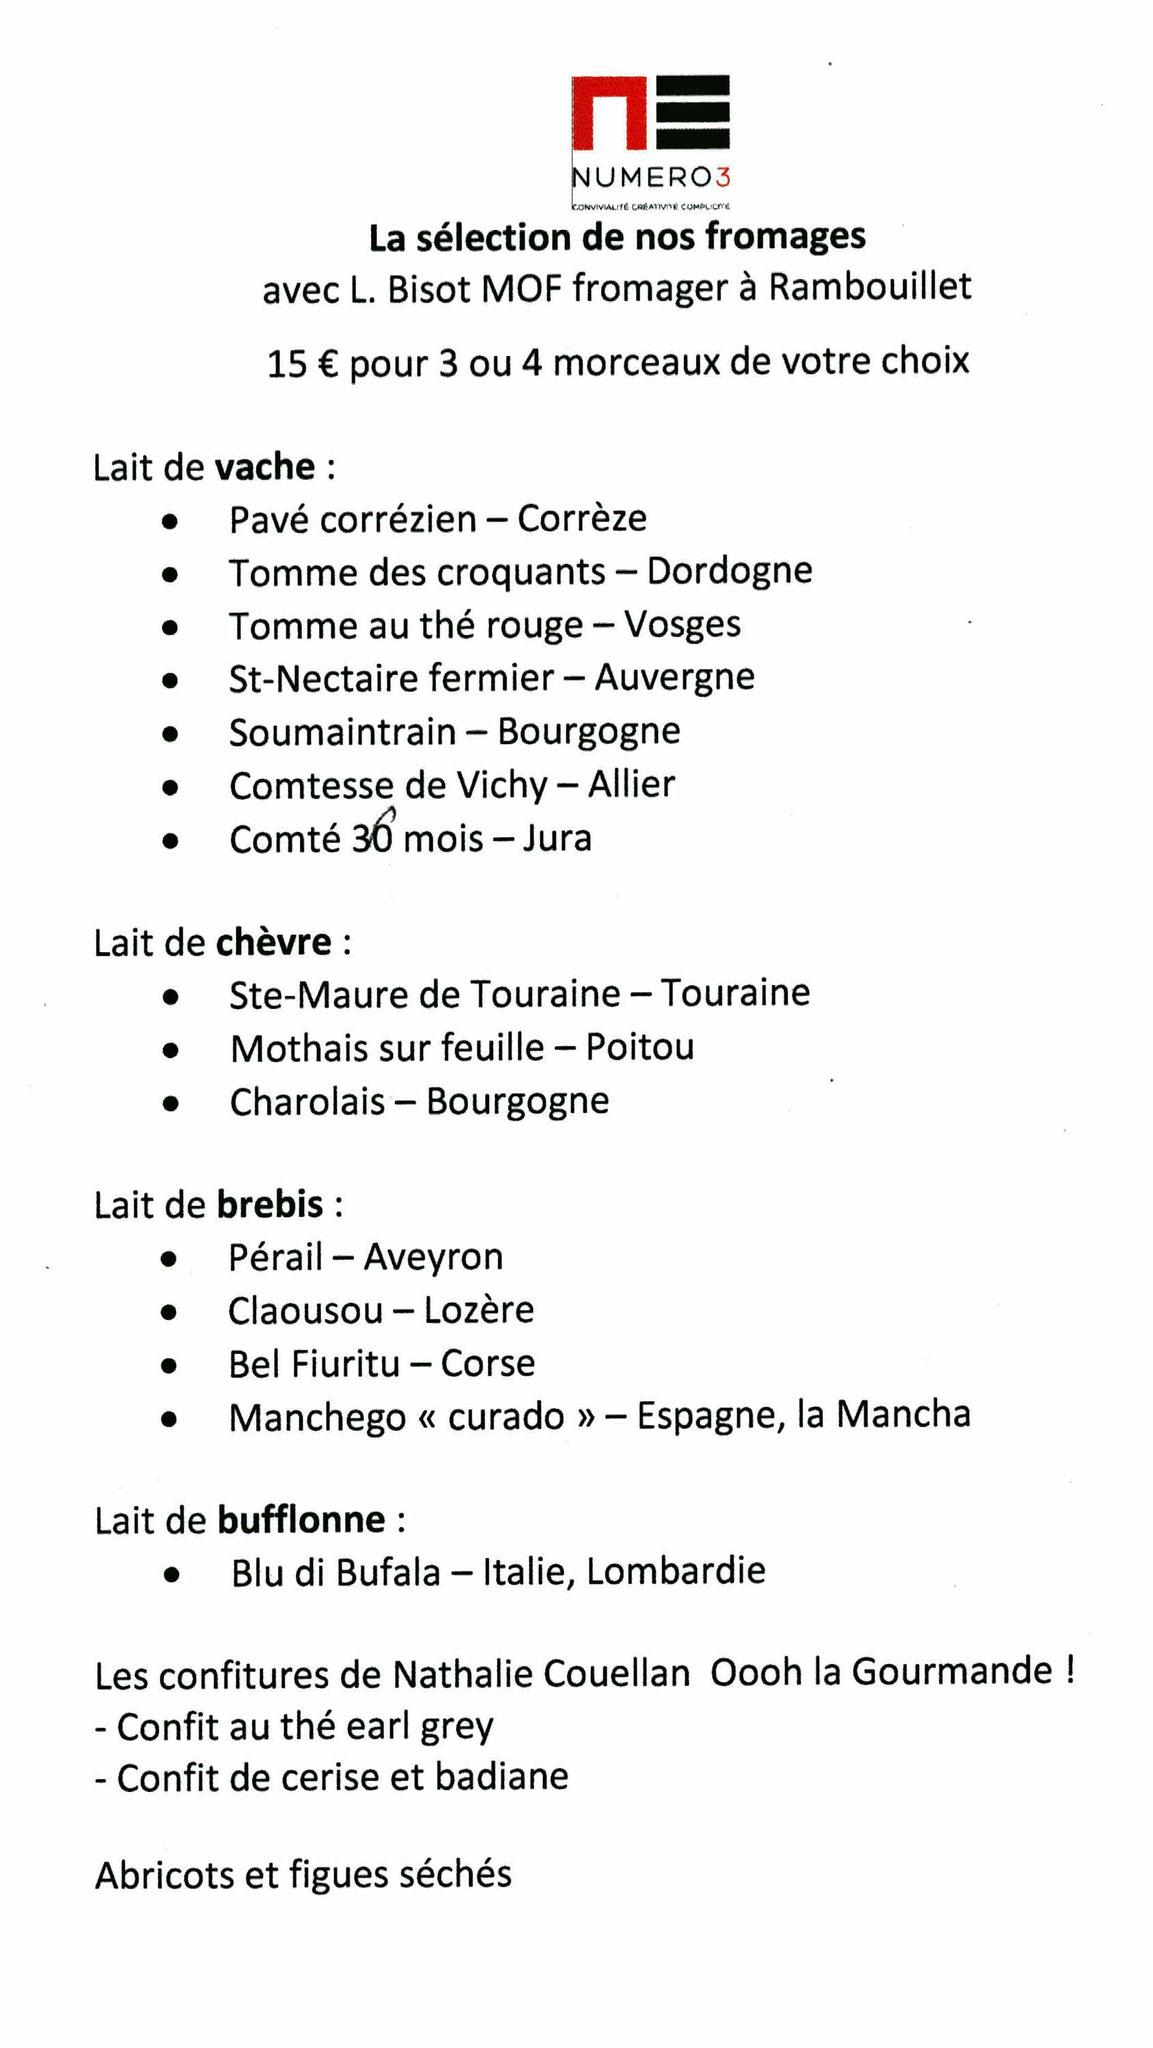 Liste des fromages disponibles